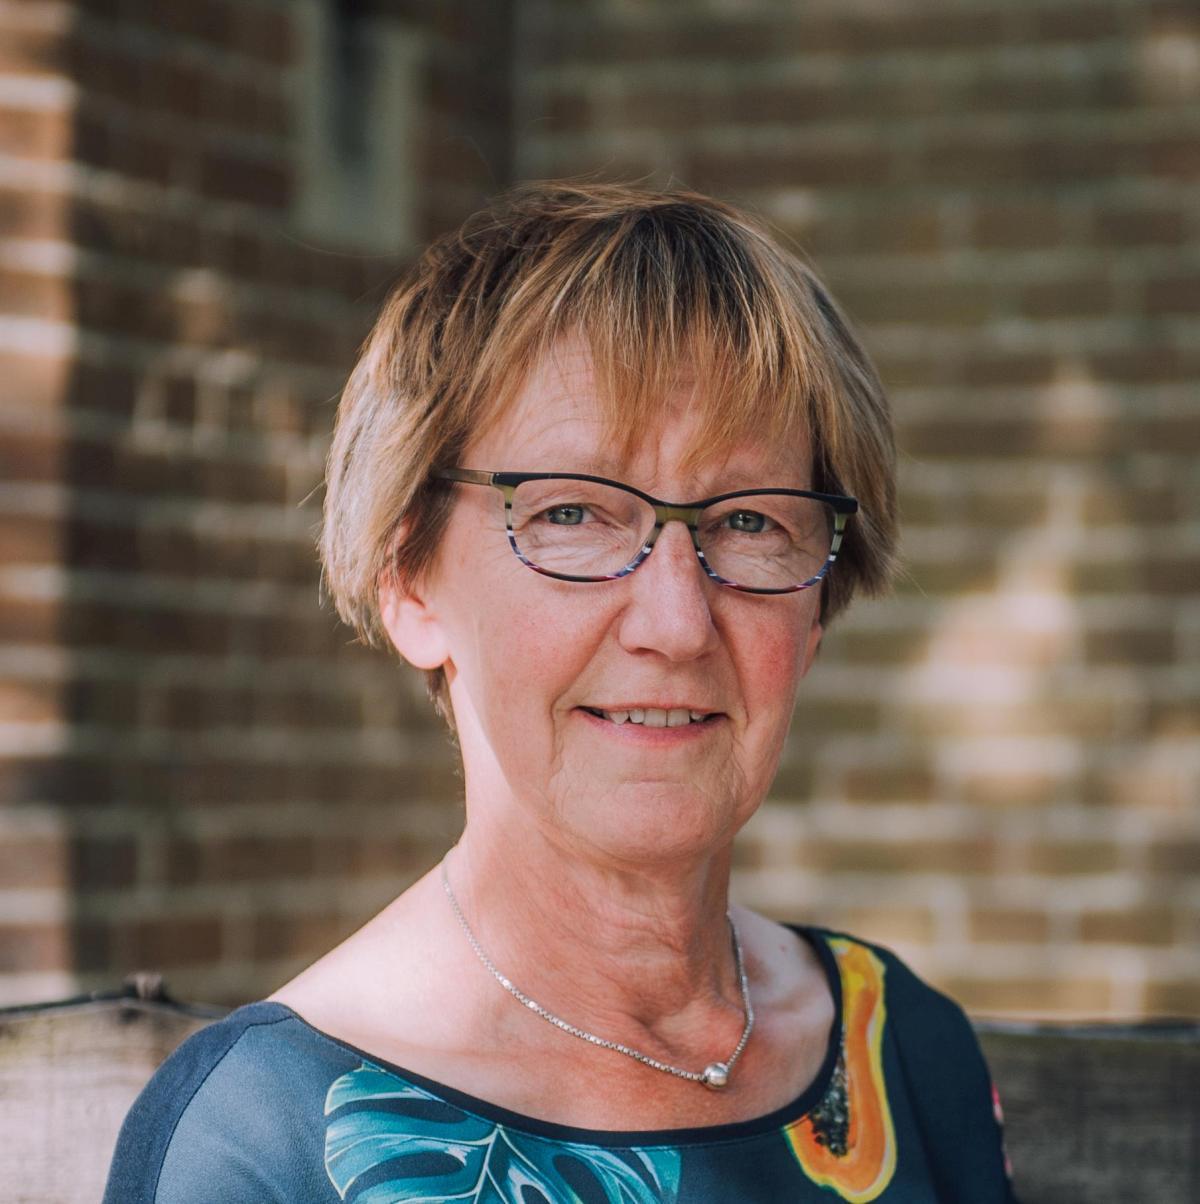 Nicole Broekman